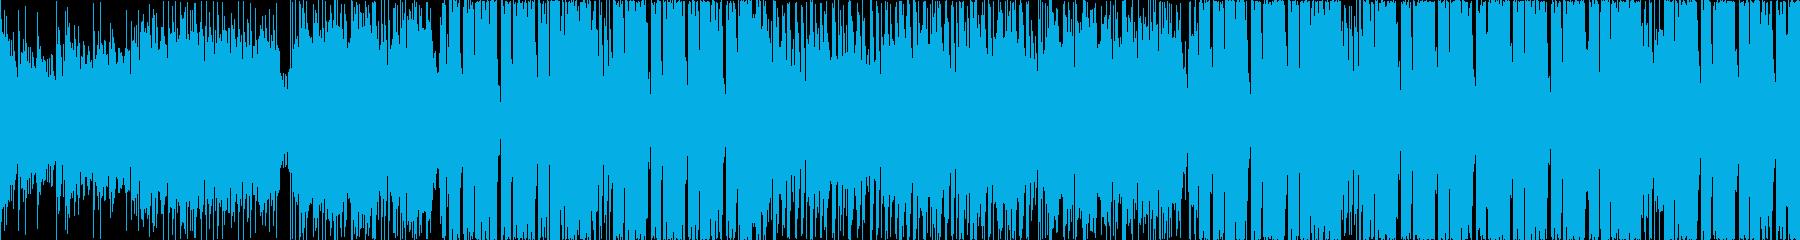 【ループ仕様】フューチャーベースの再生済みの波形